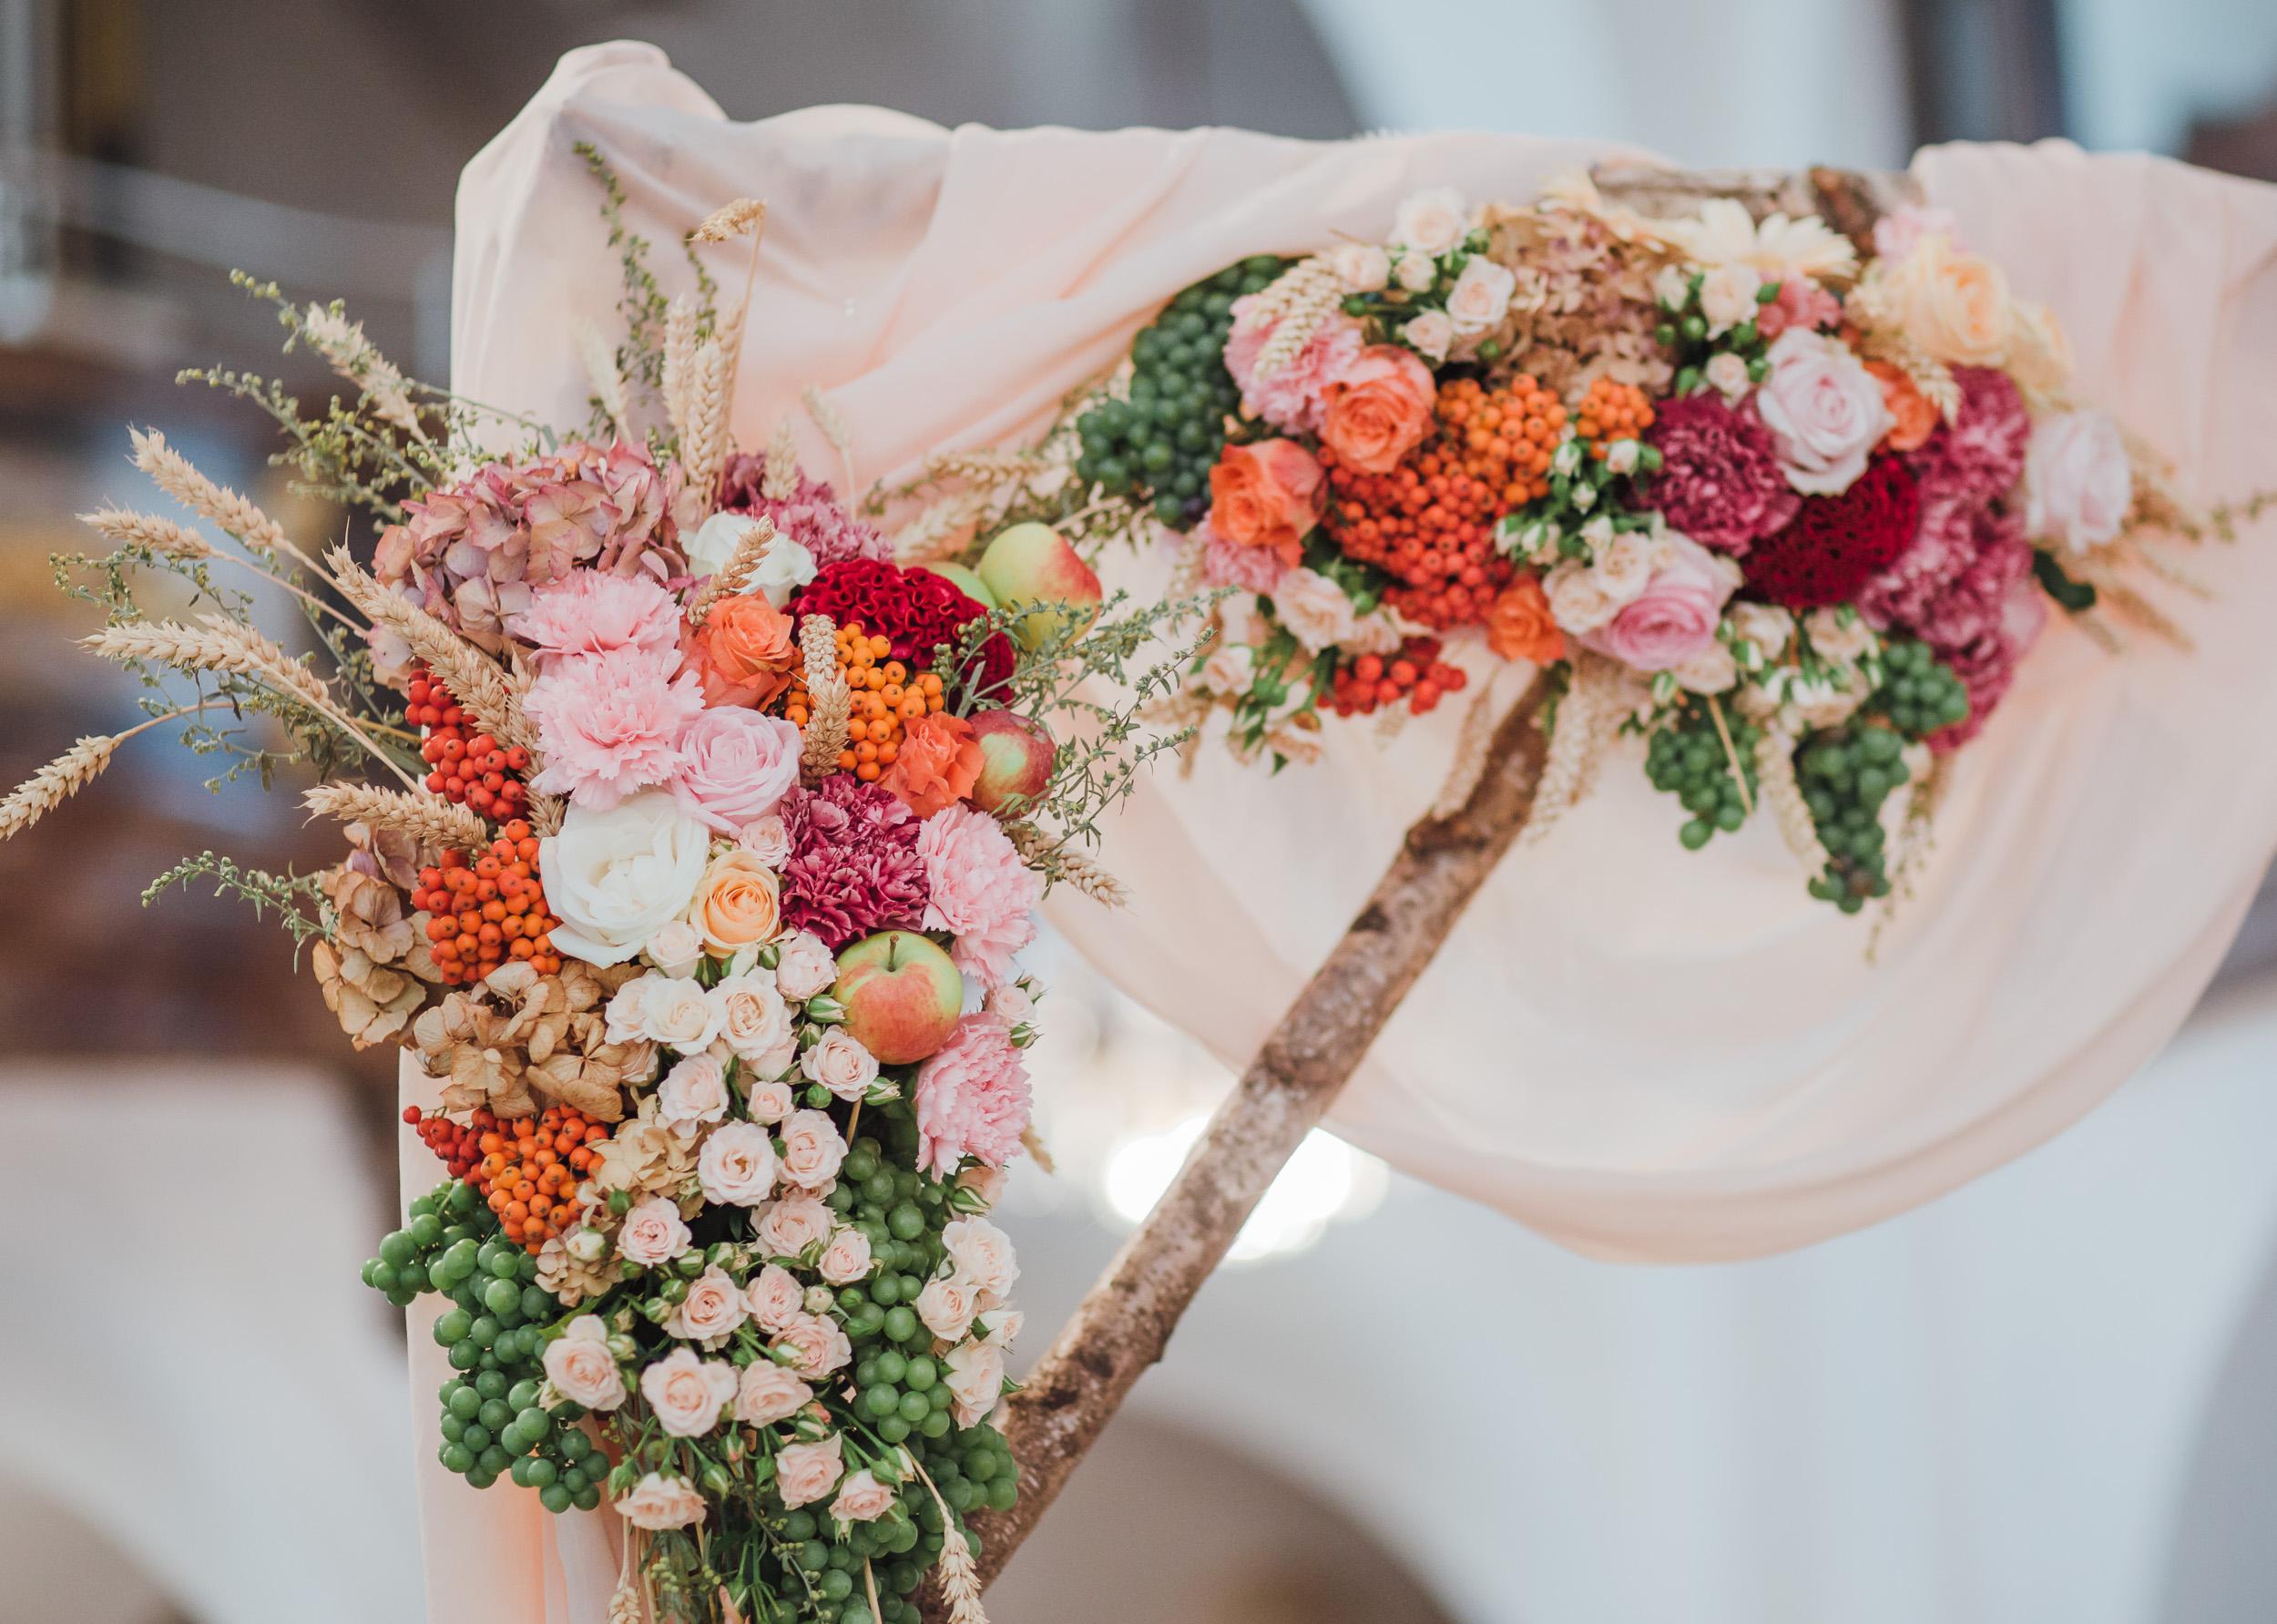 Bouquet Sposa Costo.Quanto Costano Gli Allestimenti Floreali Per Un Matrimonio